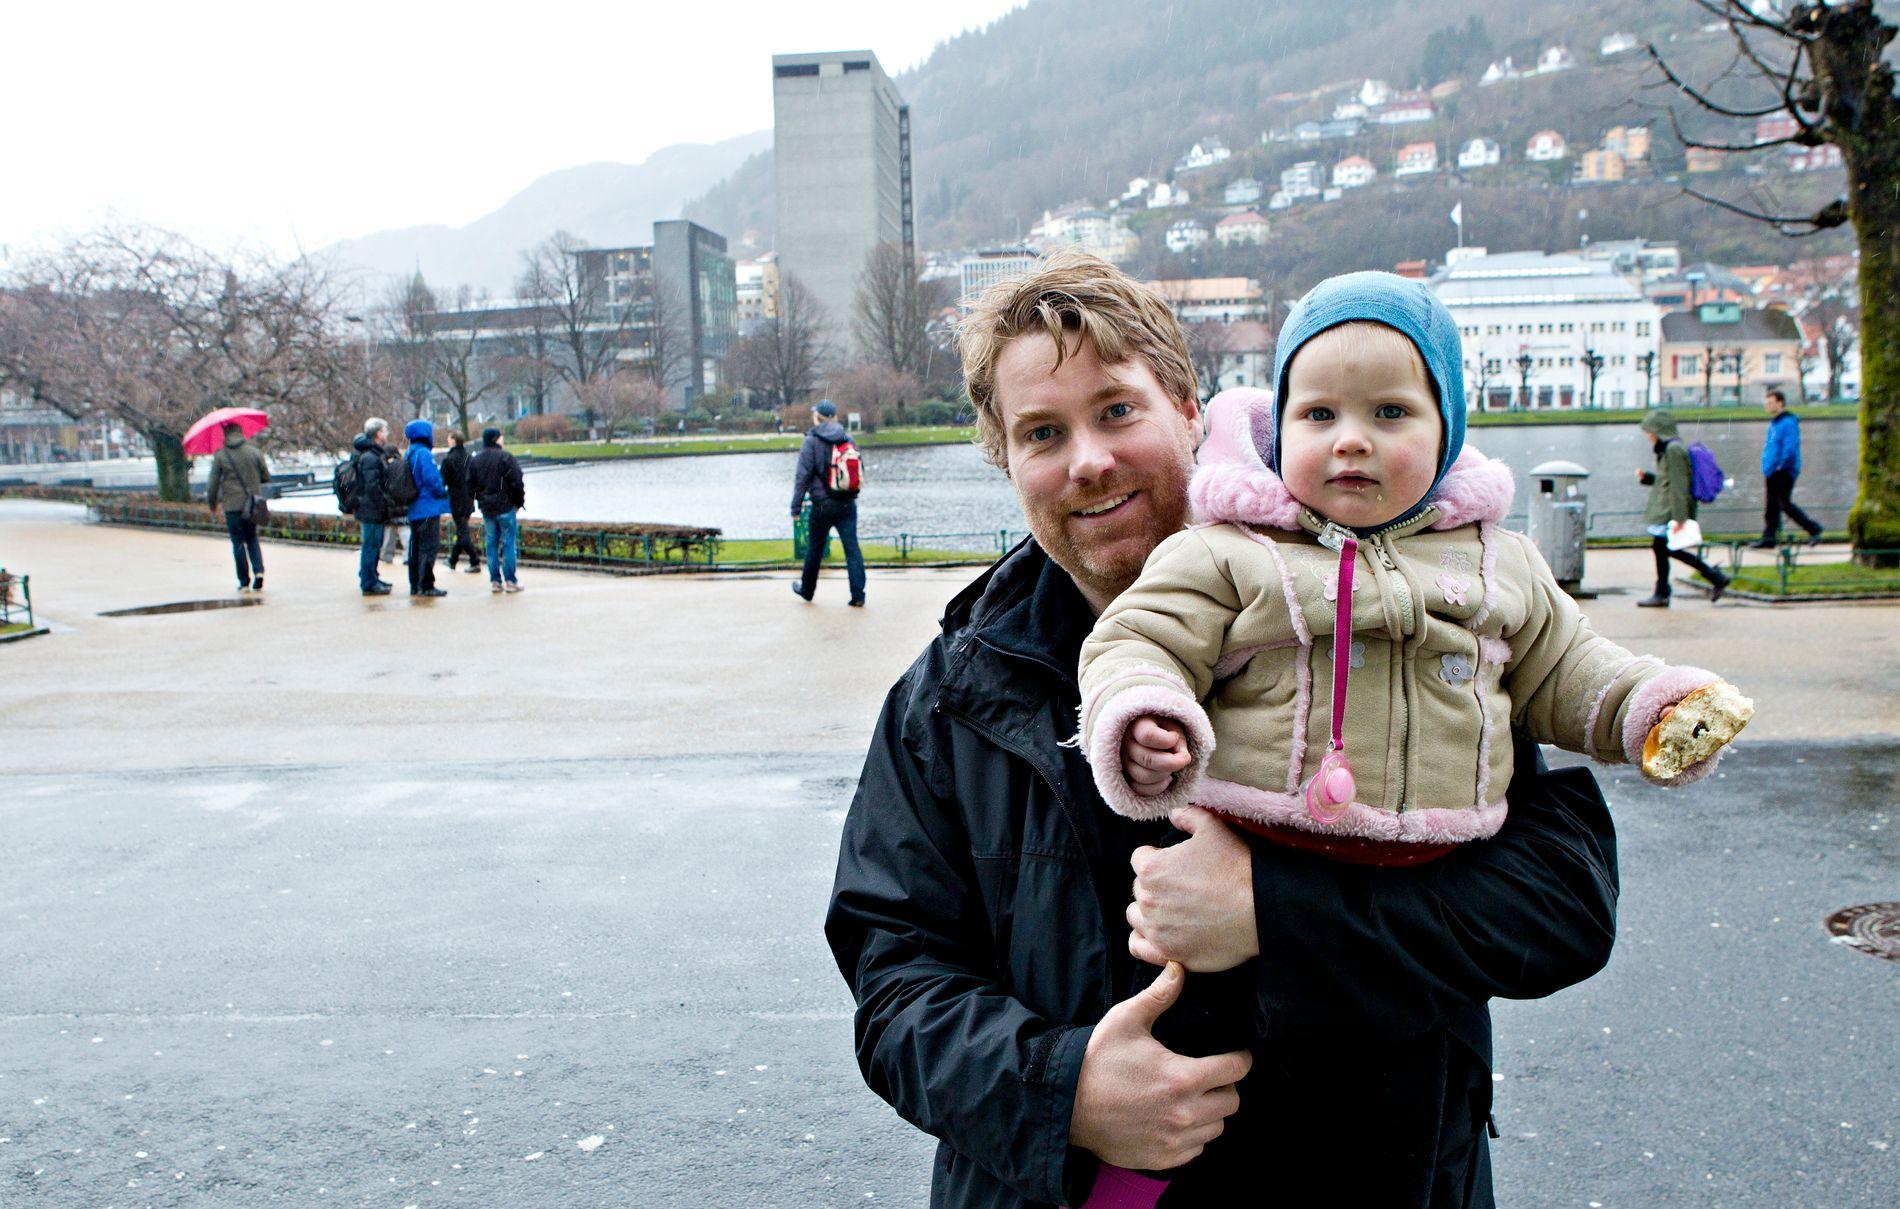 FARS VALG: Likestilt foreldreskap handler også om fars valg, mener Bent Sigmund Olsen. Her sammen med datteren Juliane da han var i pappaperm.